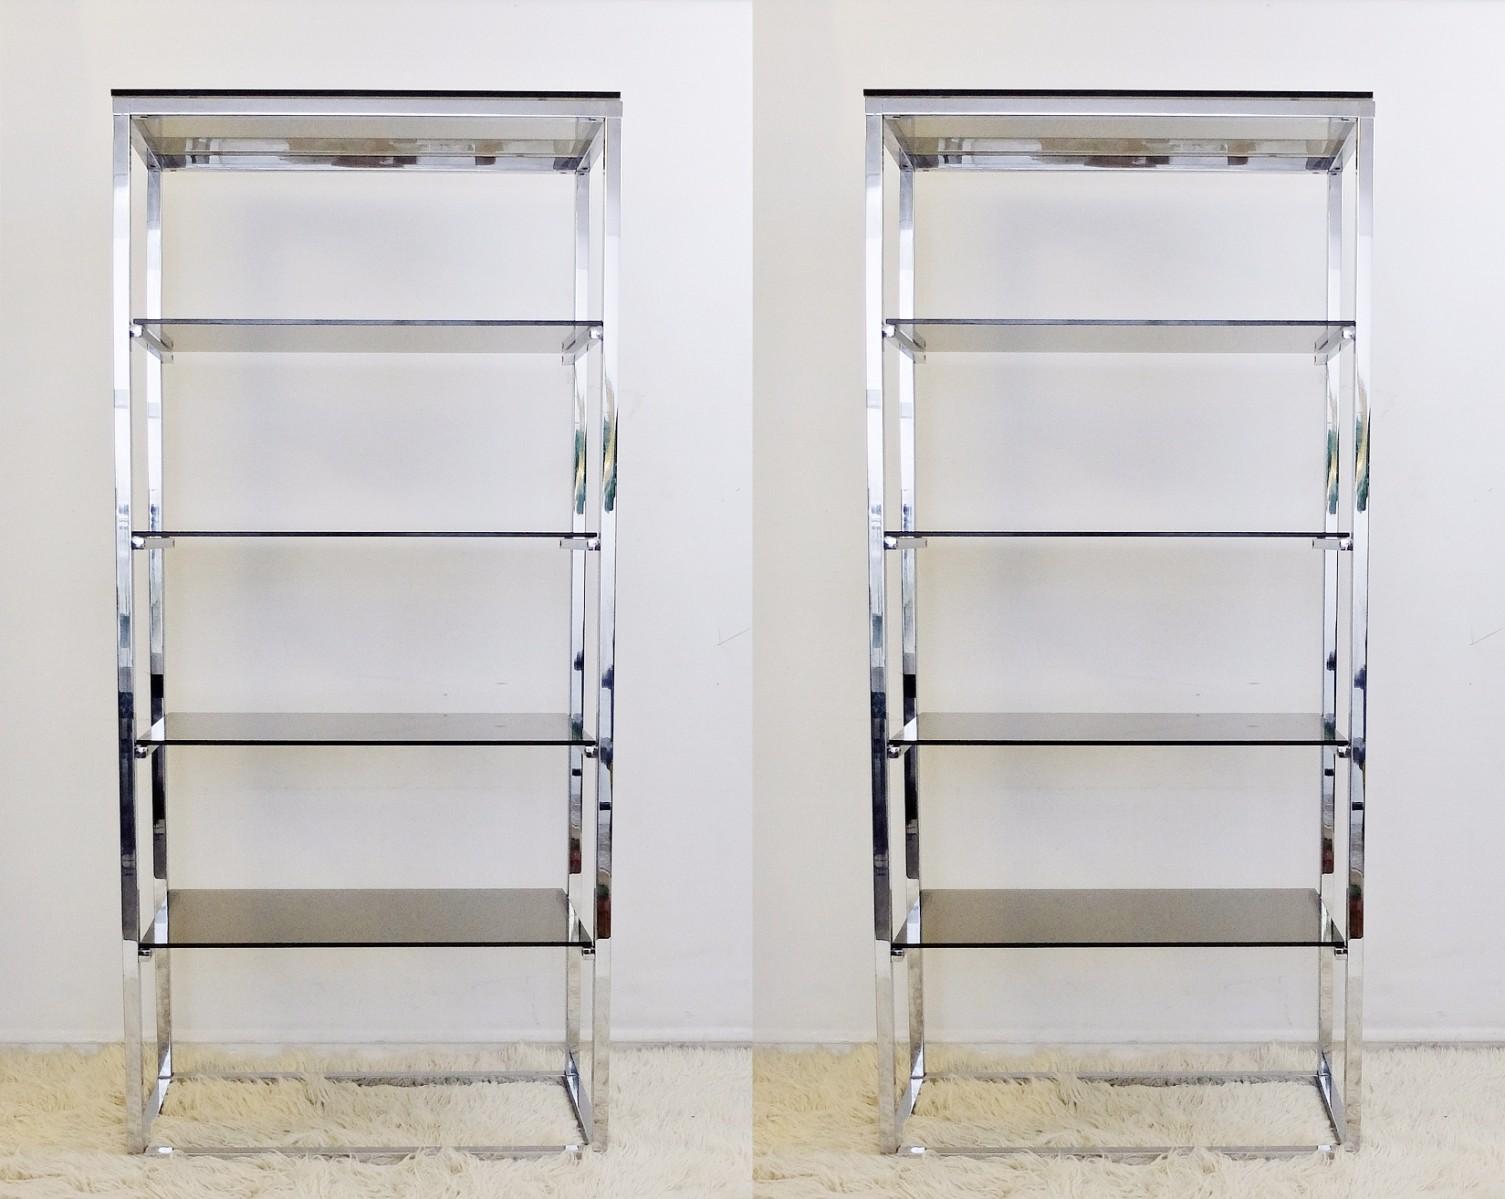 pair of chrome and smoked glass shelves shelf search results rh antiek com chrome glass shelf supports wickes chrome glass shelf supports screwfix